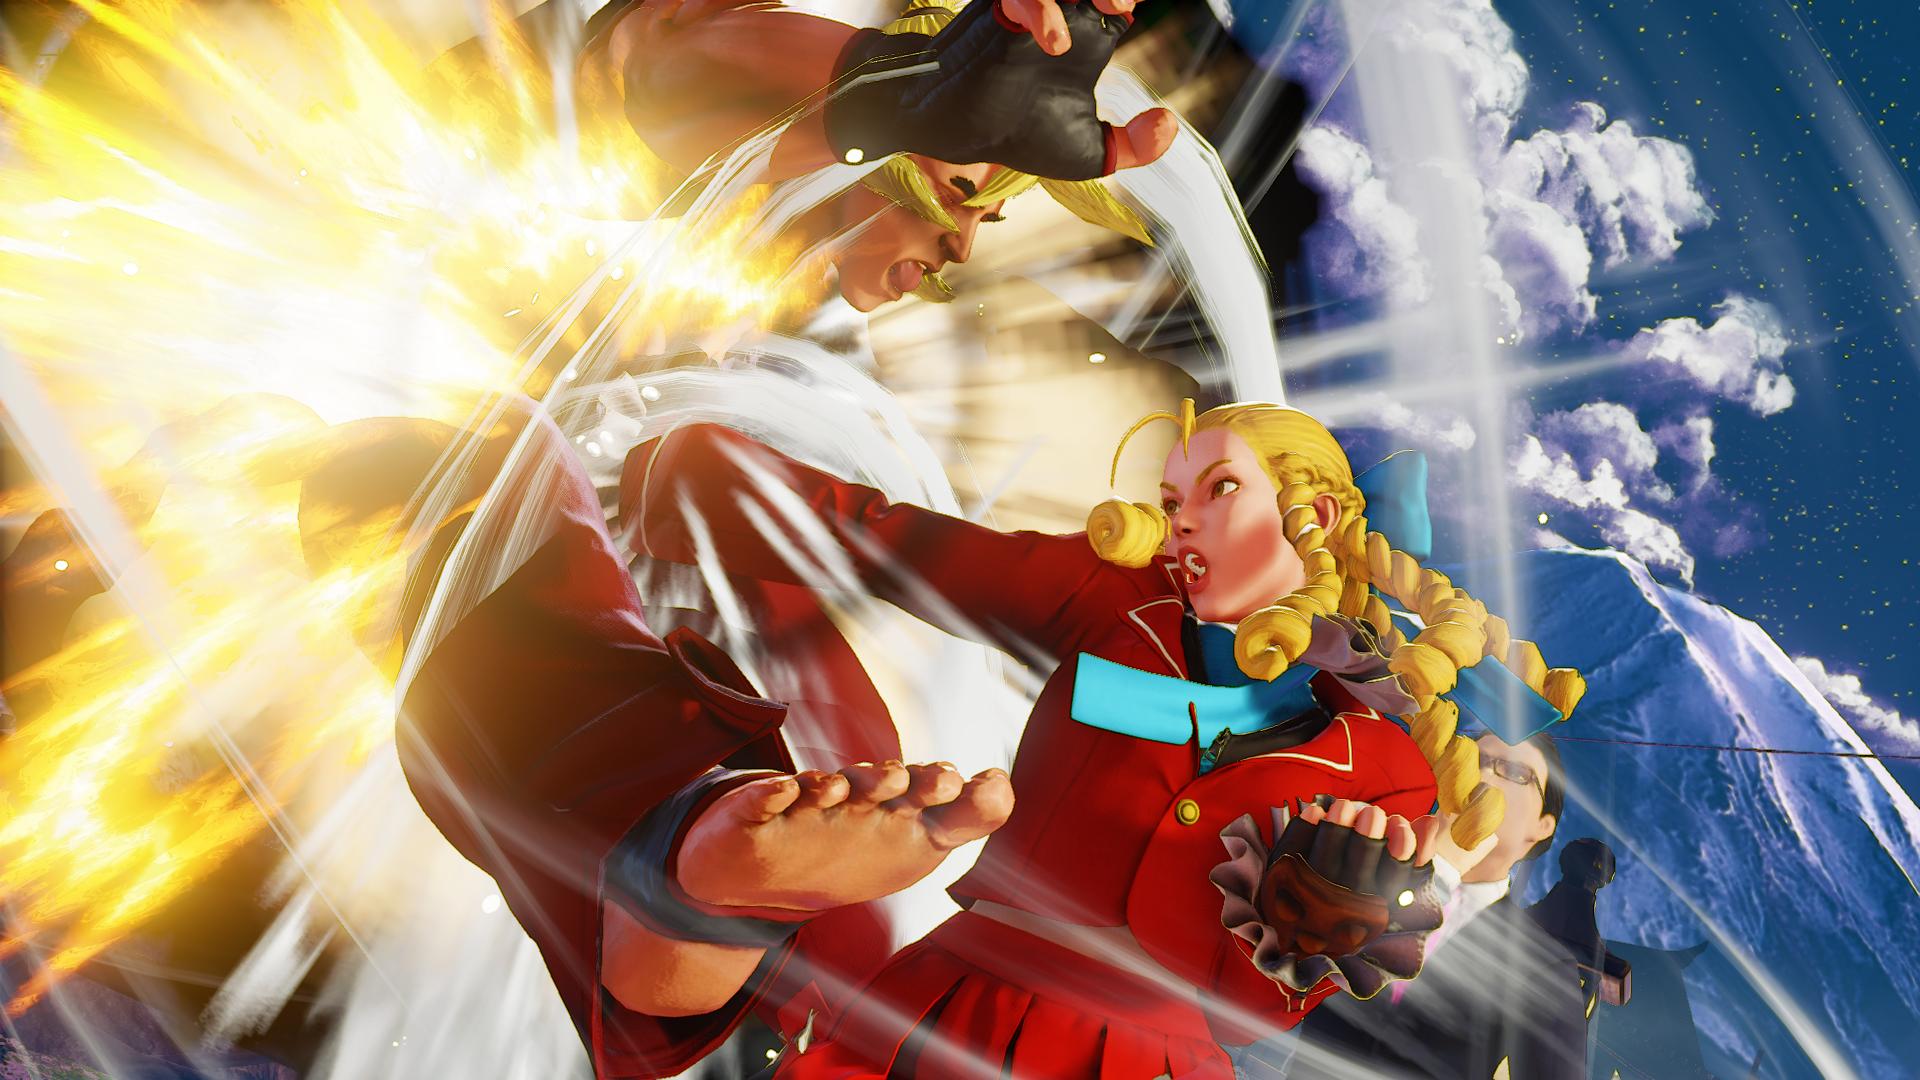 Seznamte se: Karin Kanzuki z bojovky Street Fighter V 114088